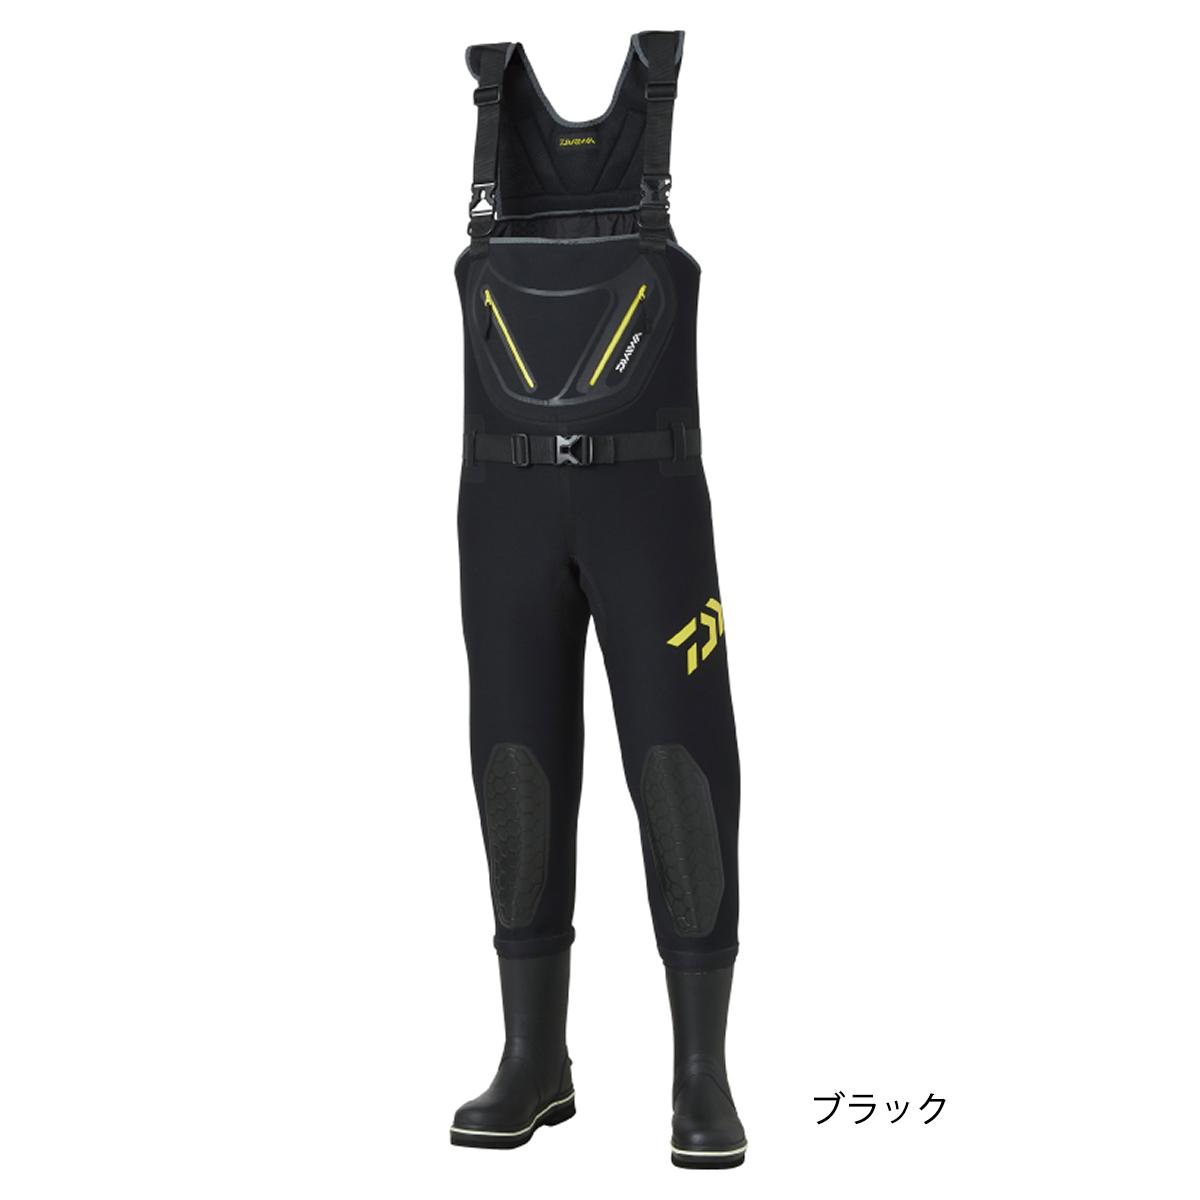 ダイワ タイトフィットソルトクロロプレンウェーダー SW-4501C-T L ブラック, ペットショップQoonQoon:e18bce68 --- talent-schedule.jp